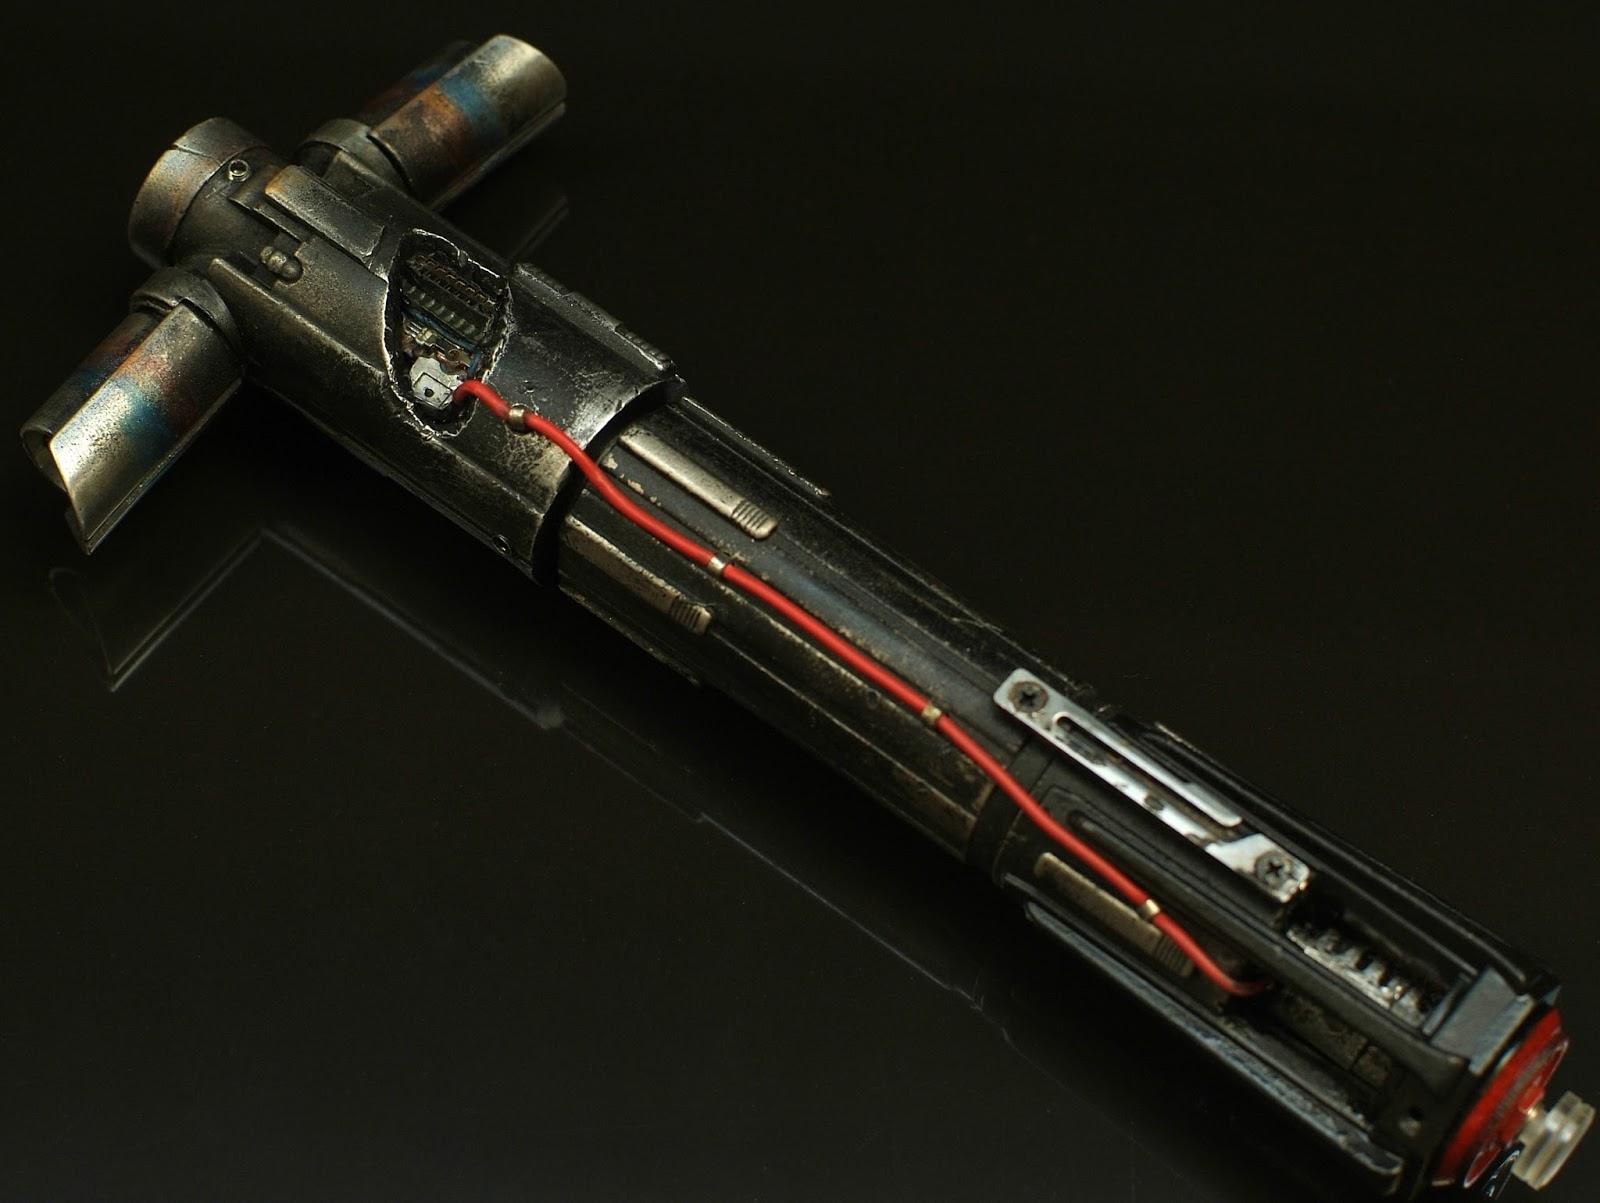 RO-LIGHTSABERS: The Jedi Killer Kylo Ren Lightsaber